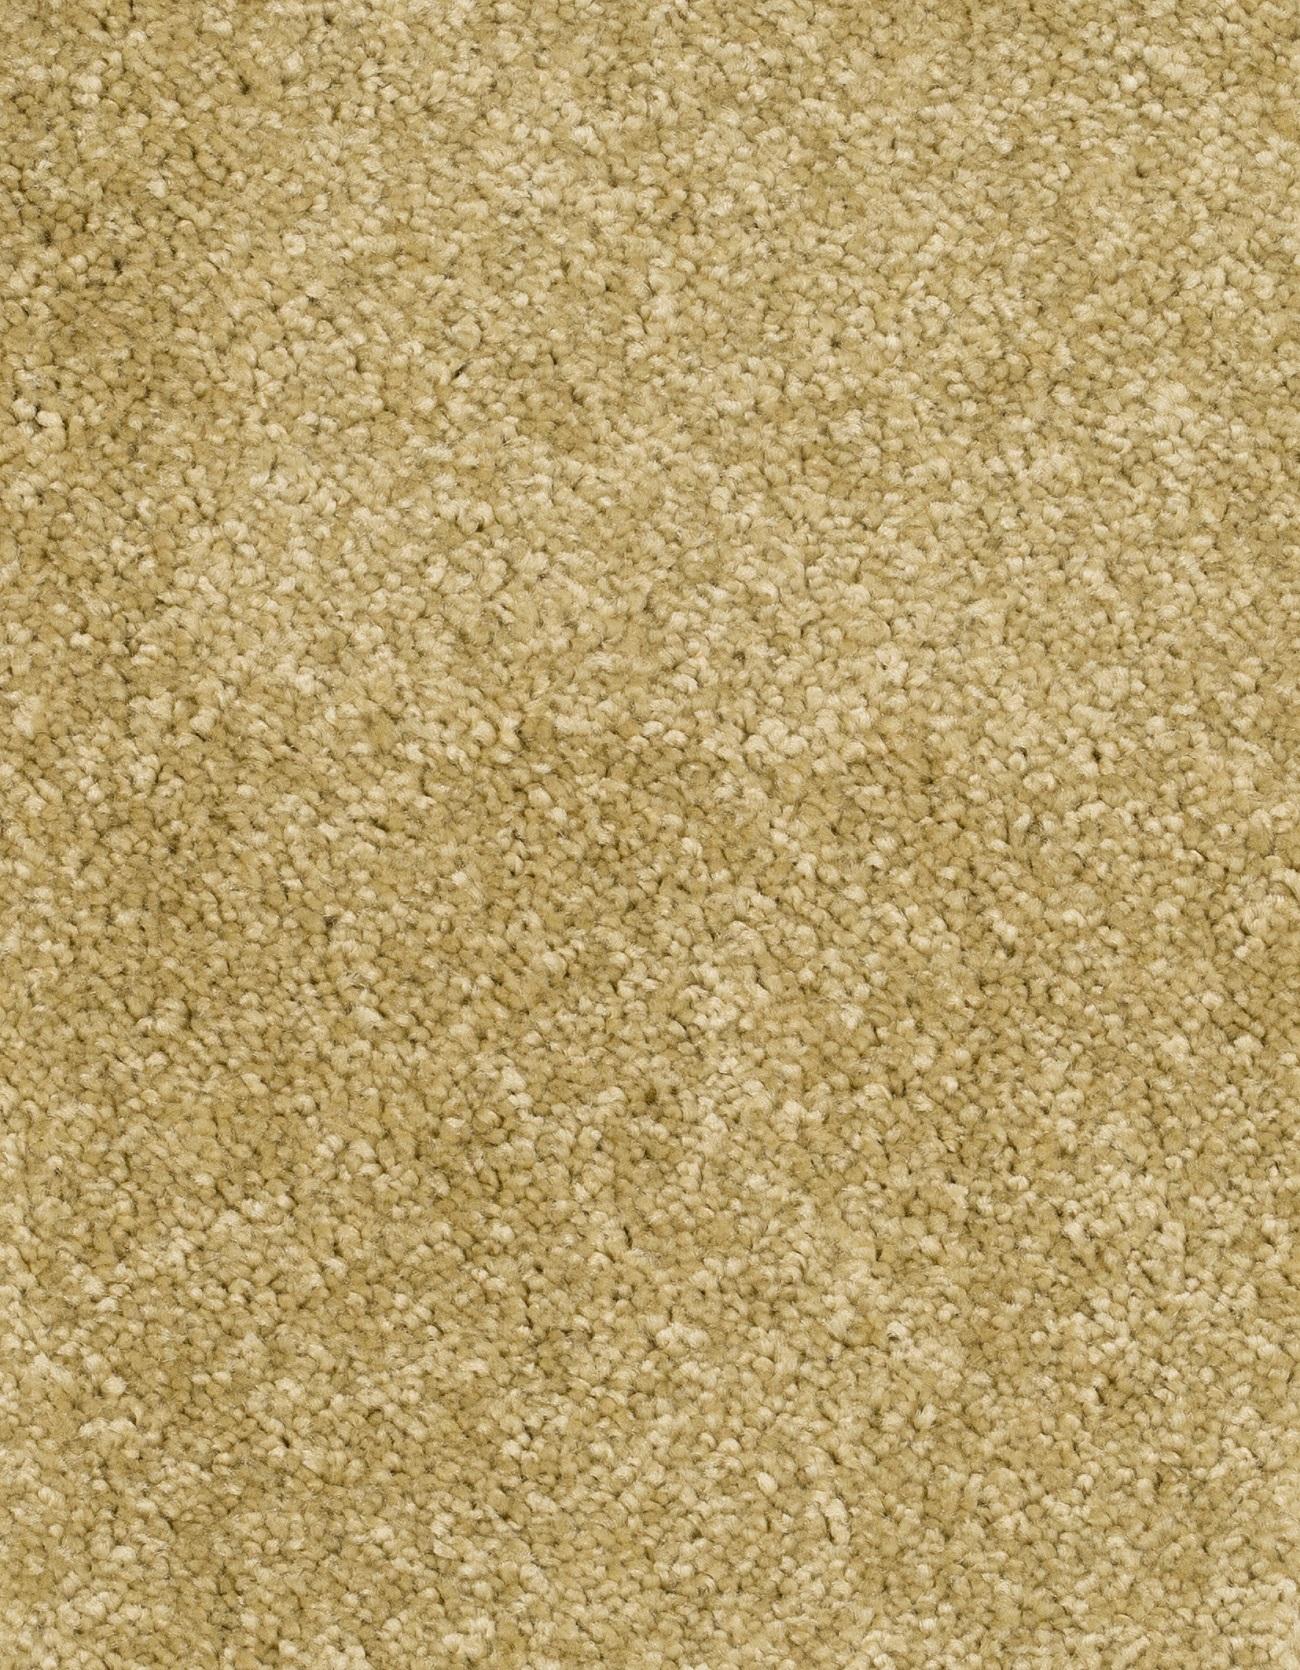 Joka - Teppichboden MARE Deluxe Balance 22 Gelb 500cm Breite